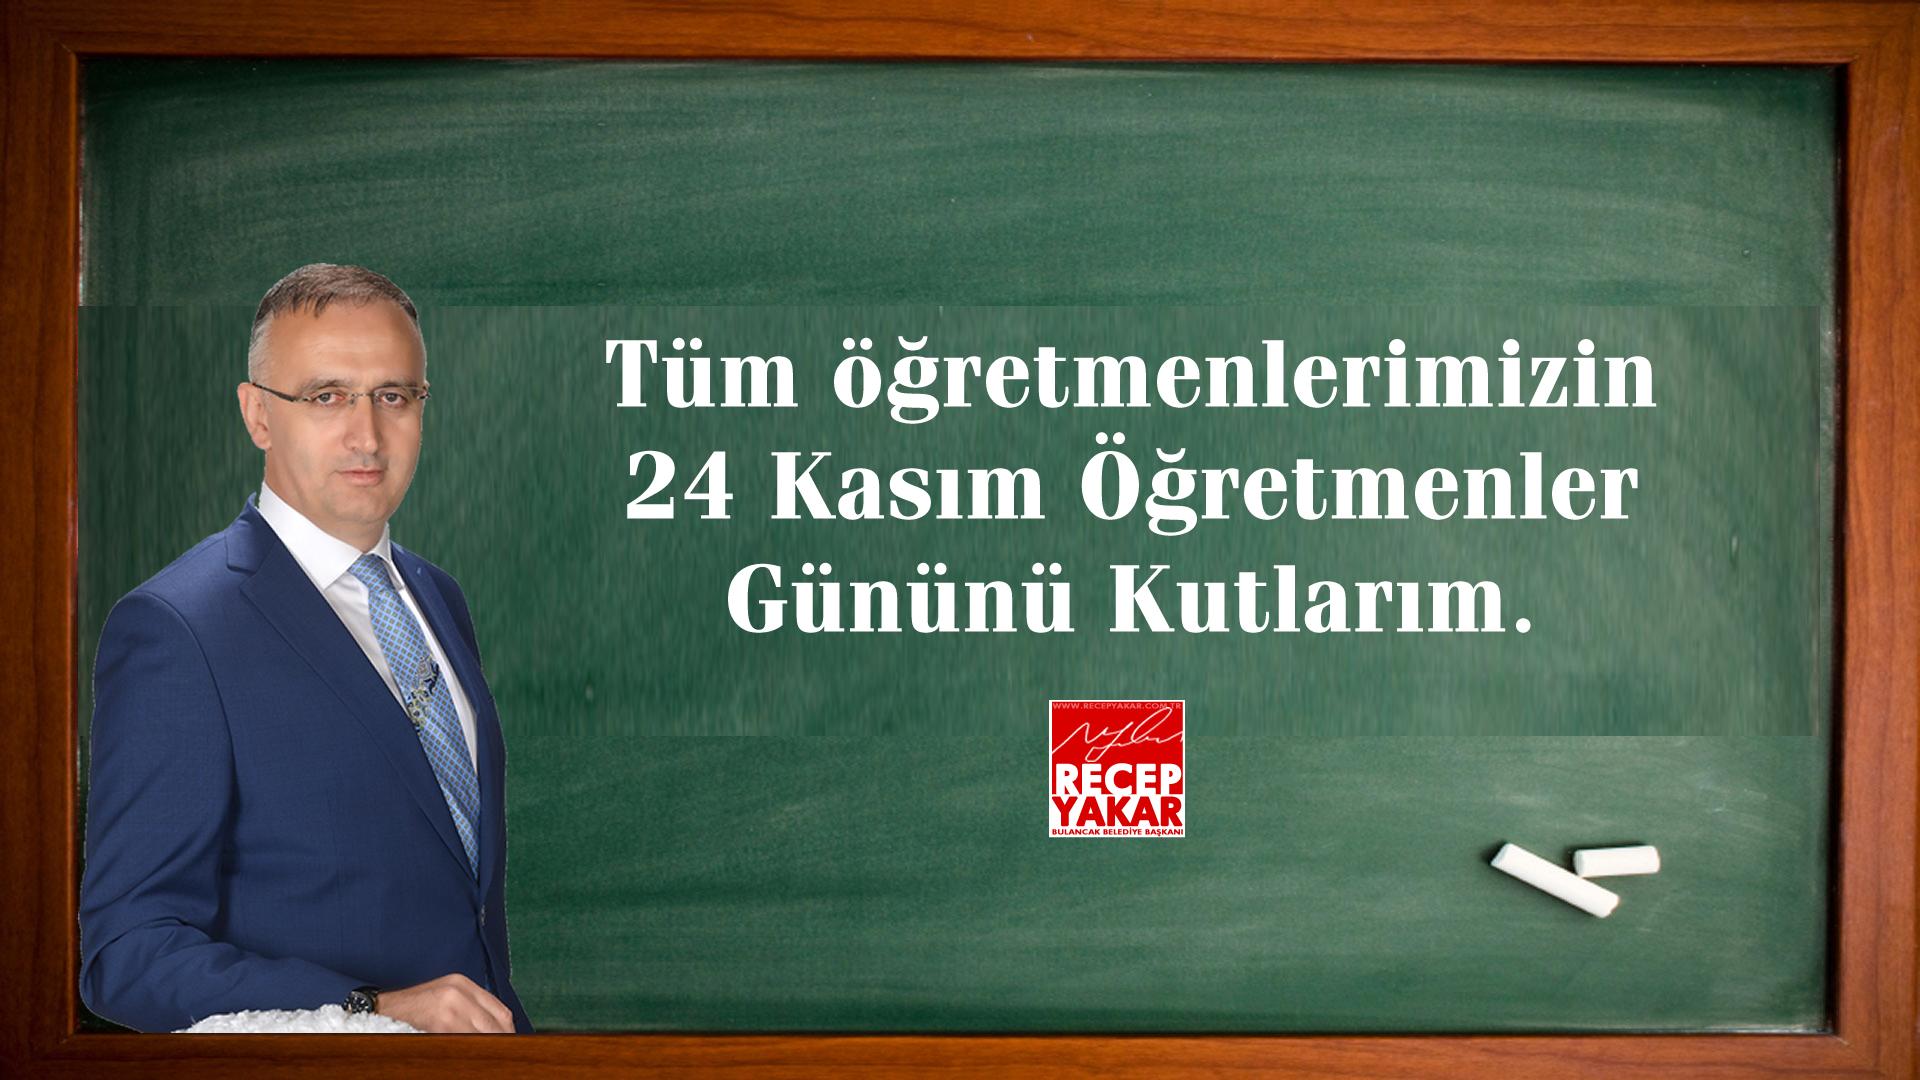 Başkan Yakar'dan 24 Kasım Öğretmenler Günü